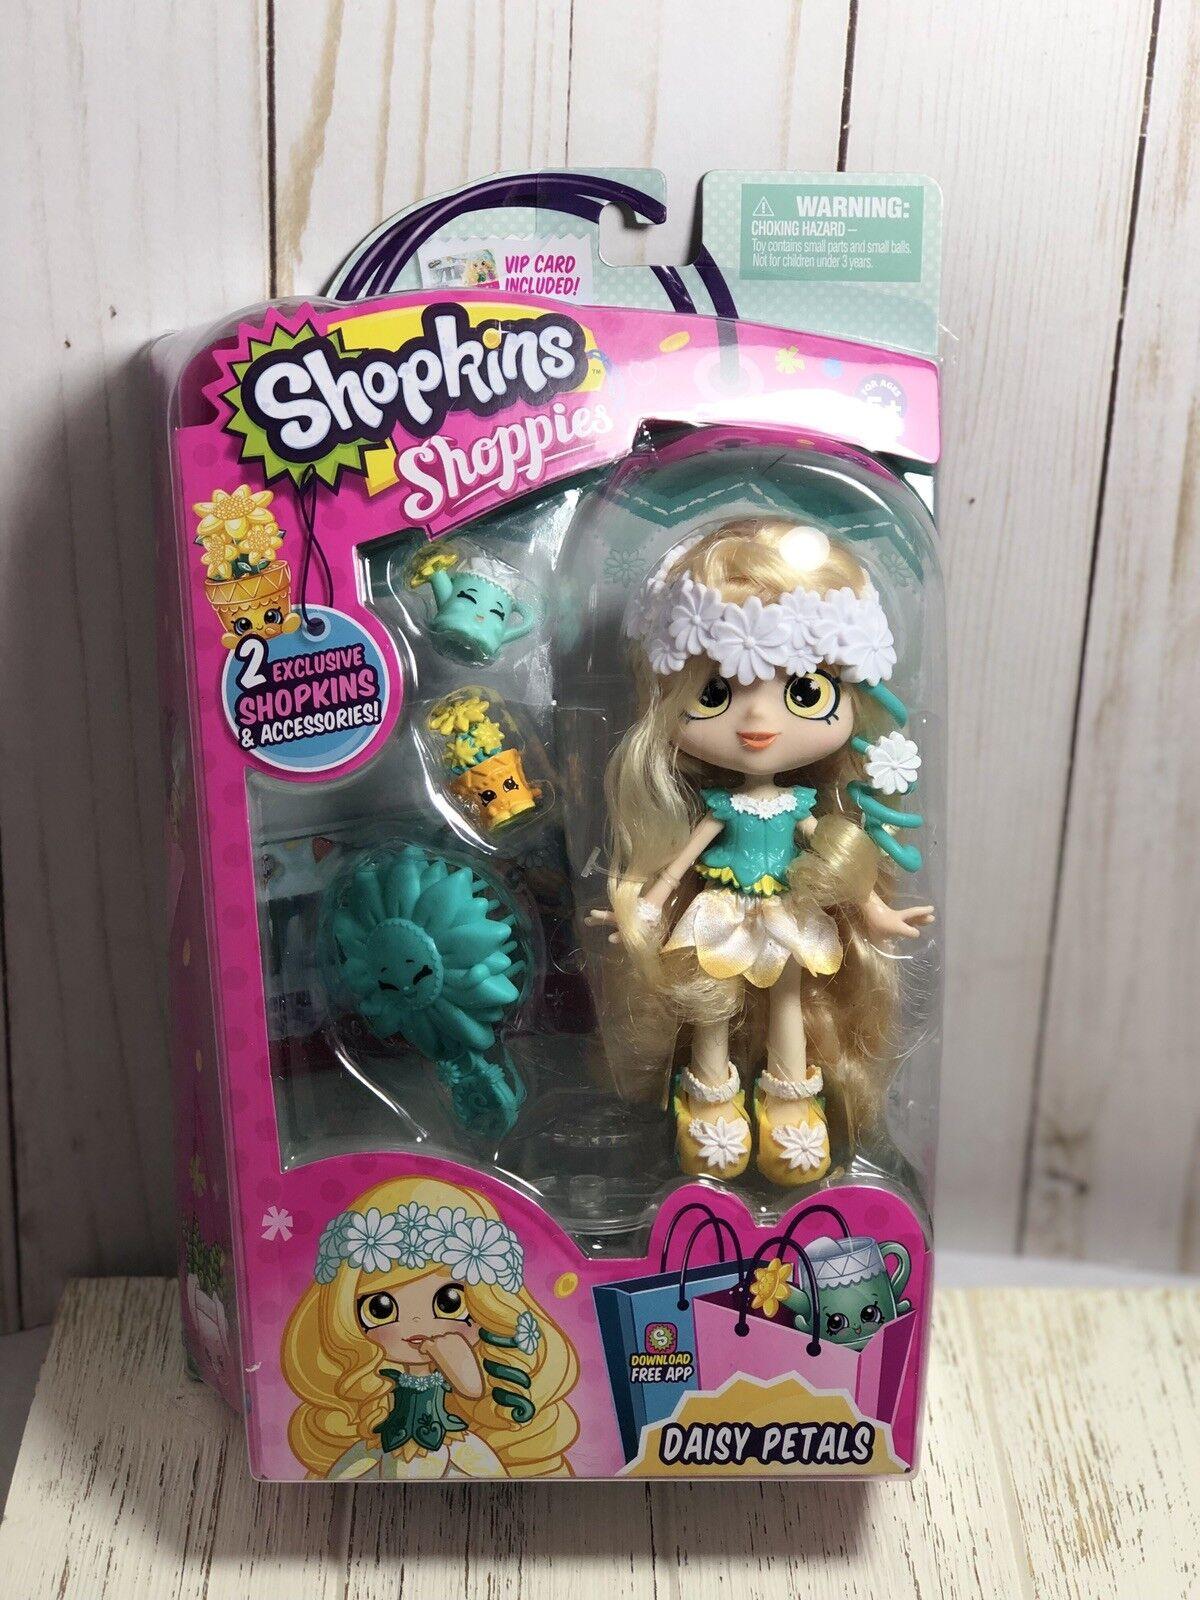 Las muñecas de los compradores shopkins, las margaritas, las nuevas cajas ya no están disponibles en la tienda ¡Las muñecas de los compradores shopkins, las margaritas, las nuevas cajas ya no están disponibles en la tienda